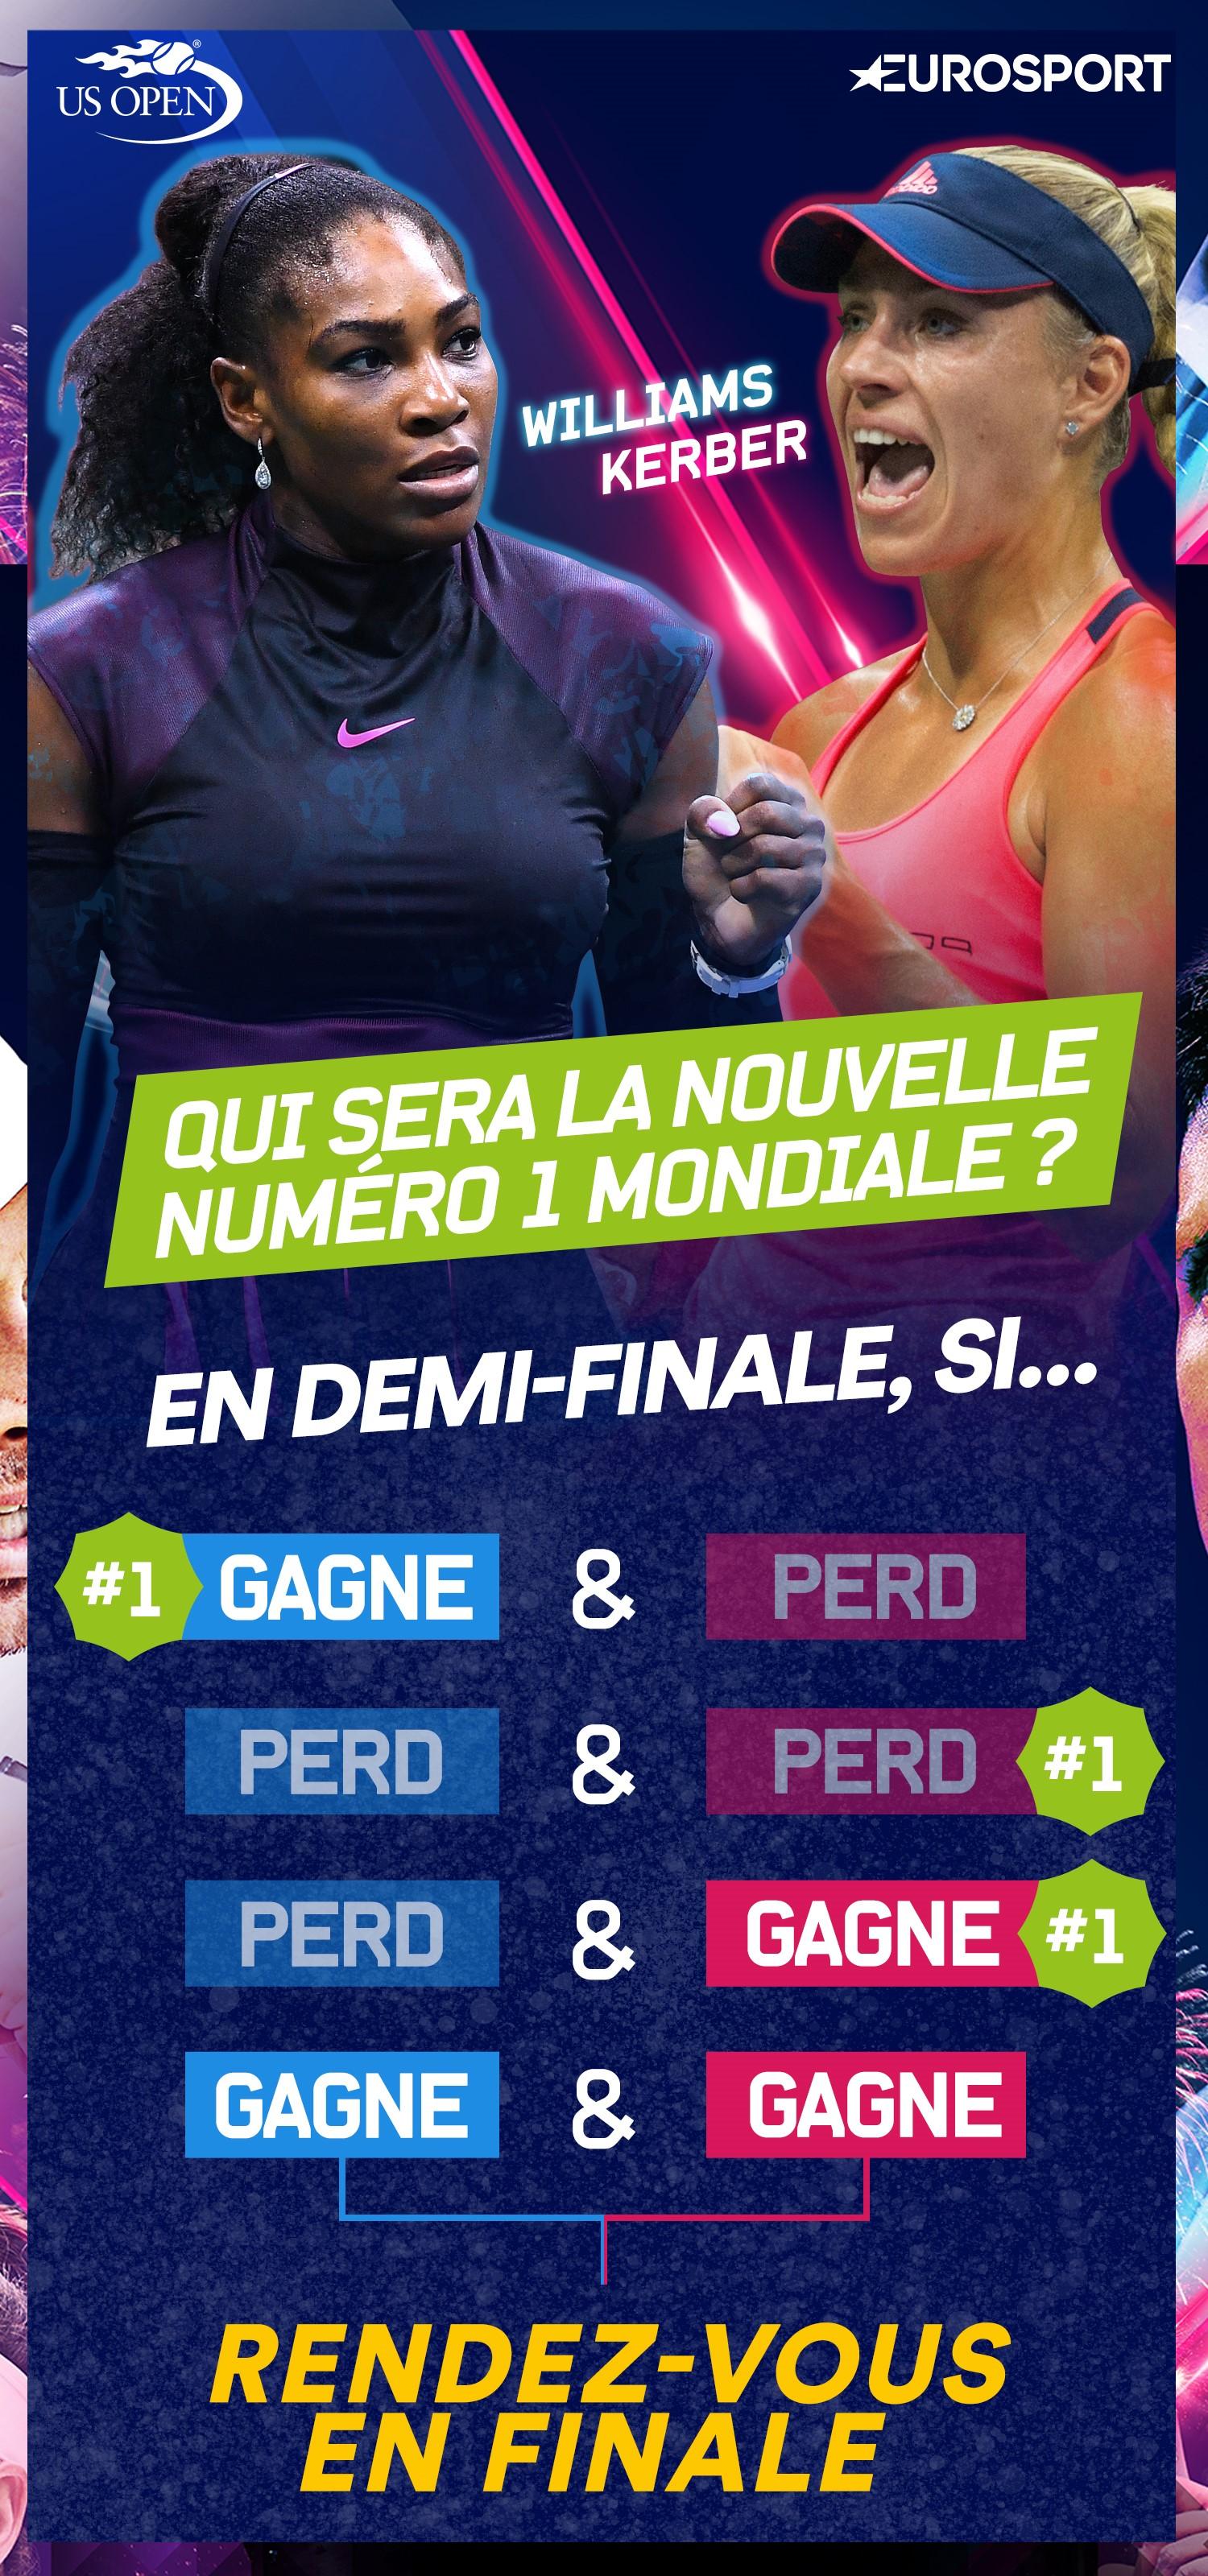 Serena Williams versus Angelique Kerber US Open 2016